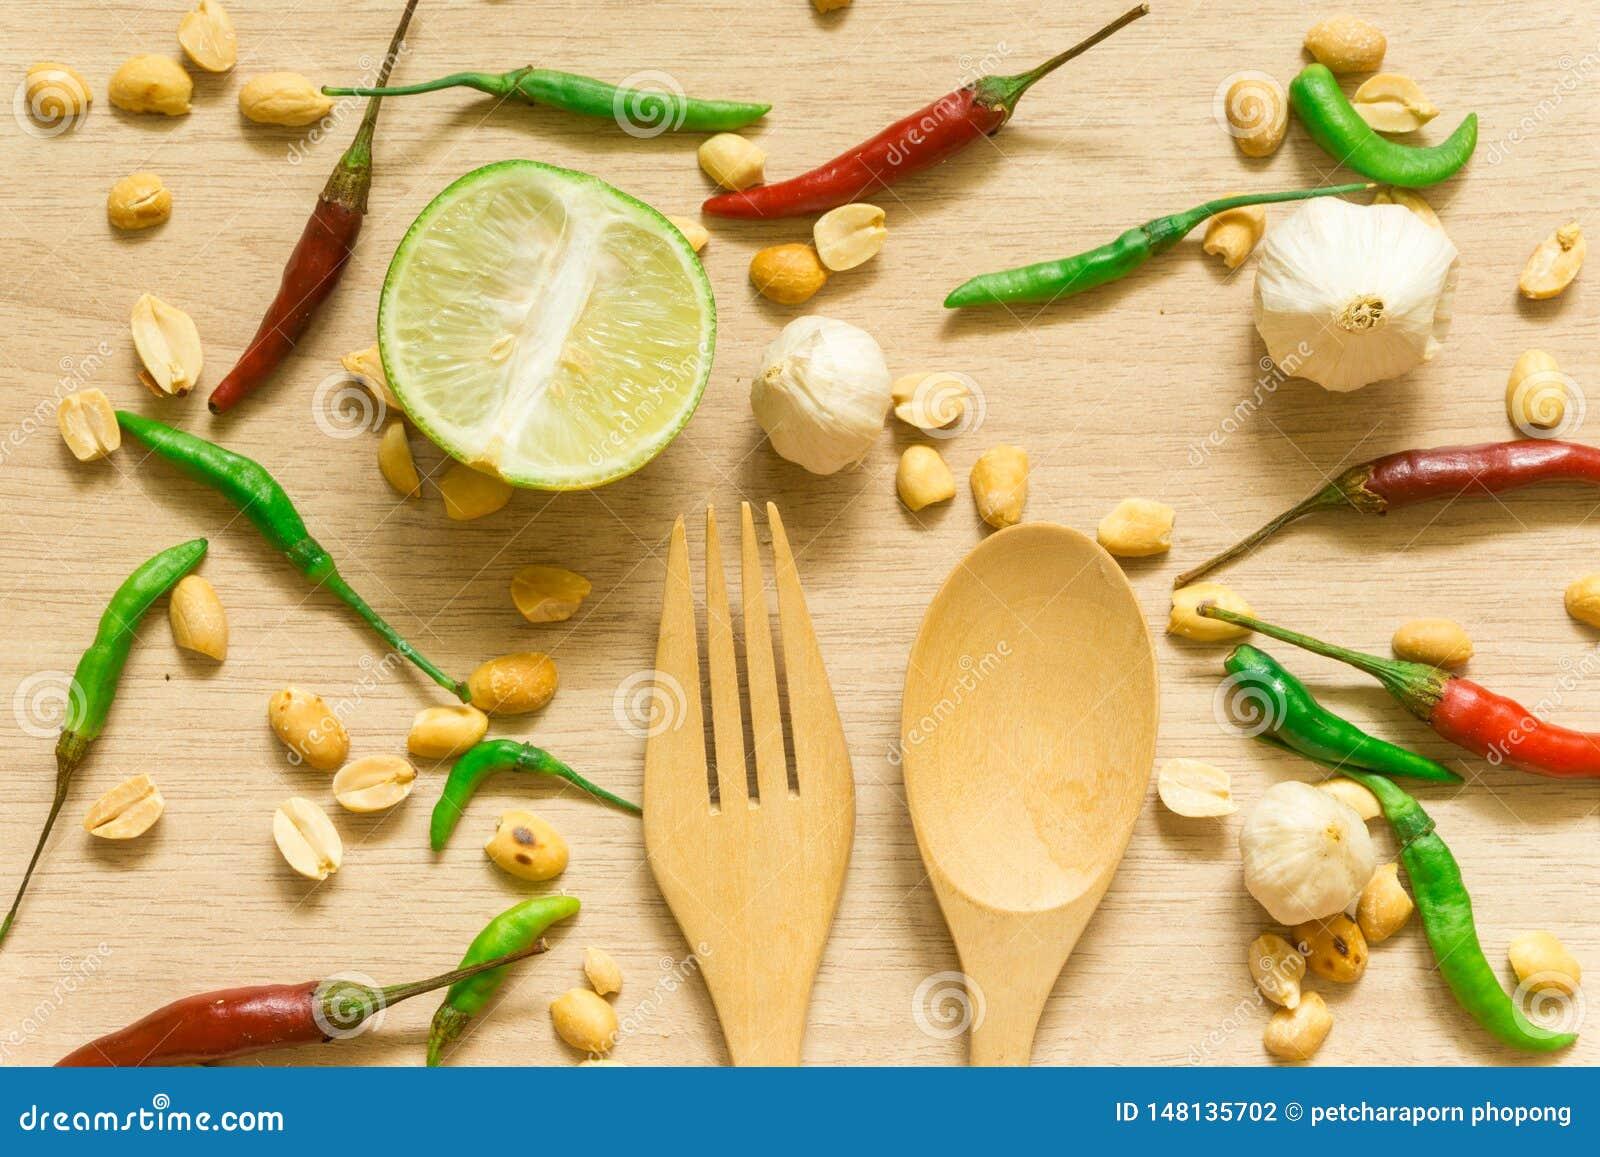 Τοπ άποψη της διάφορης πάπρικας, του φυστικιού, του σκόρδου, του λεμονιού και των χορταριών φρέσκων λαχανικών που απομονώνονται σ